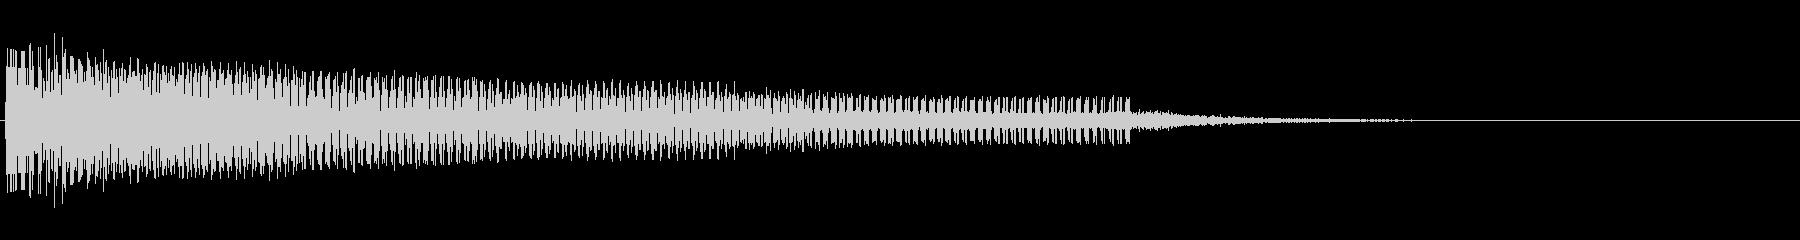 ゲームオーバー(ホラー)の未再生の波形